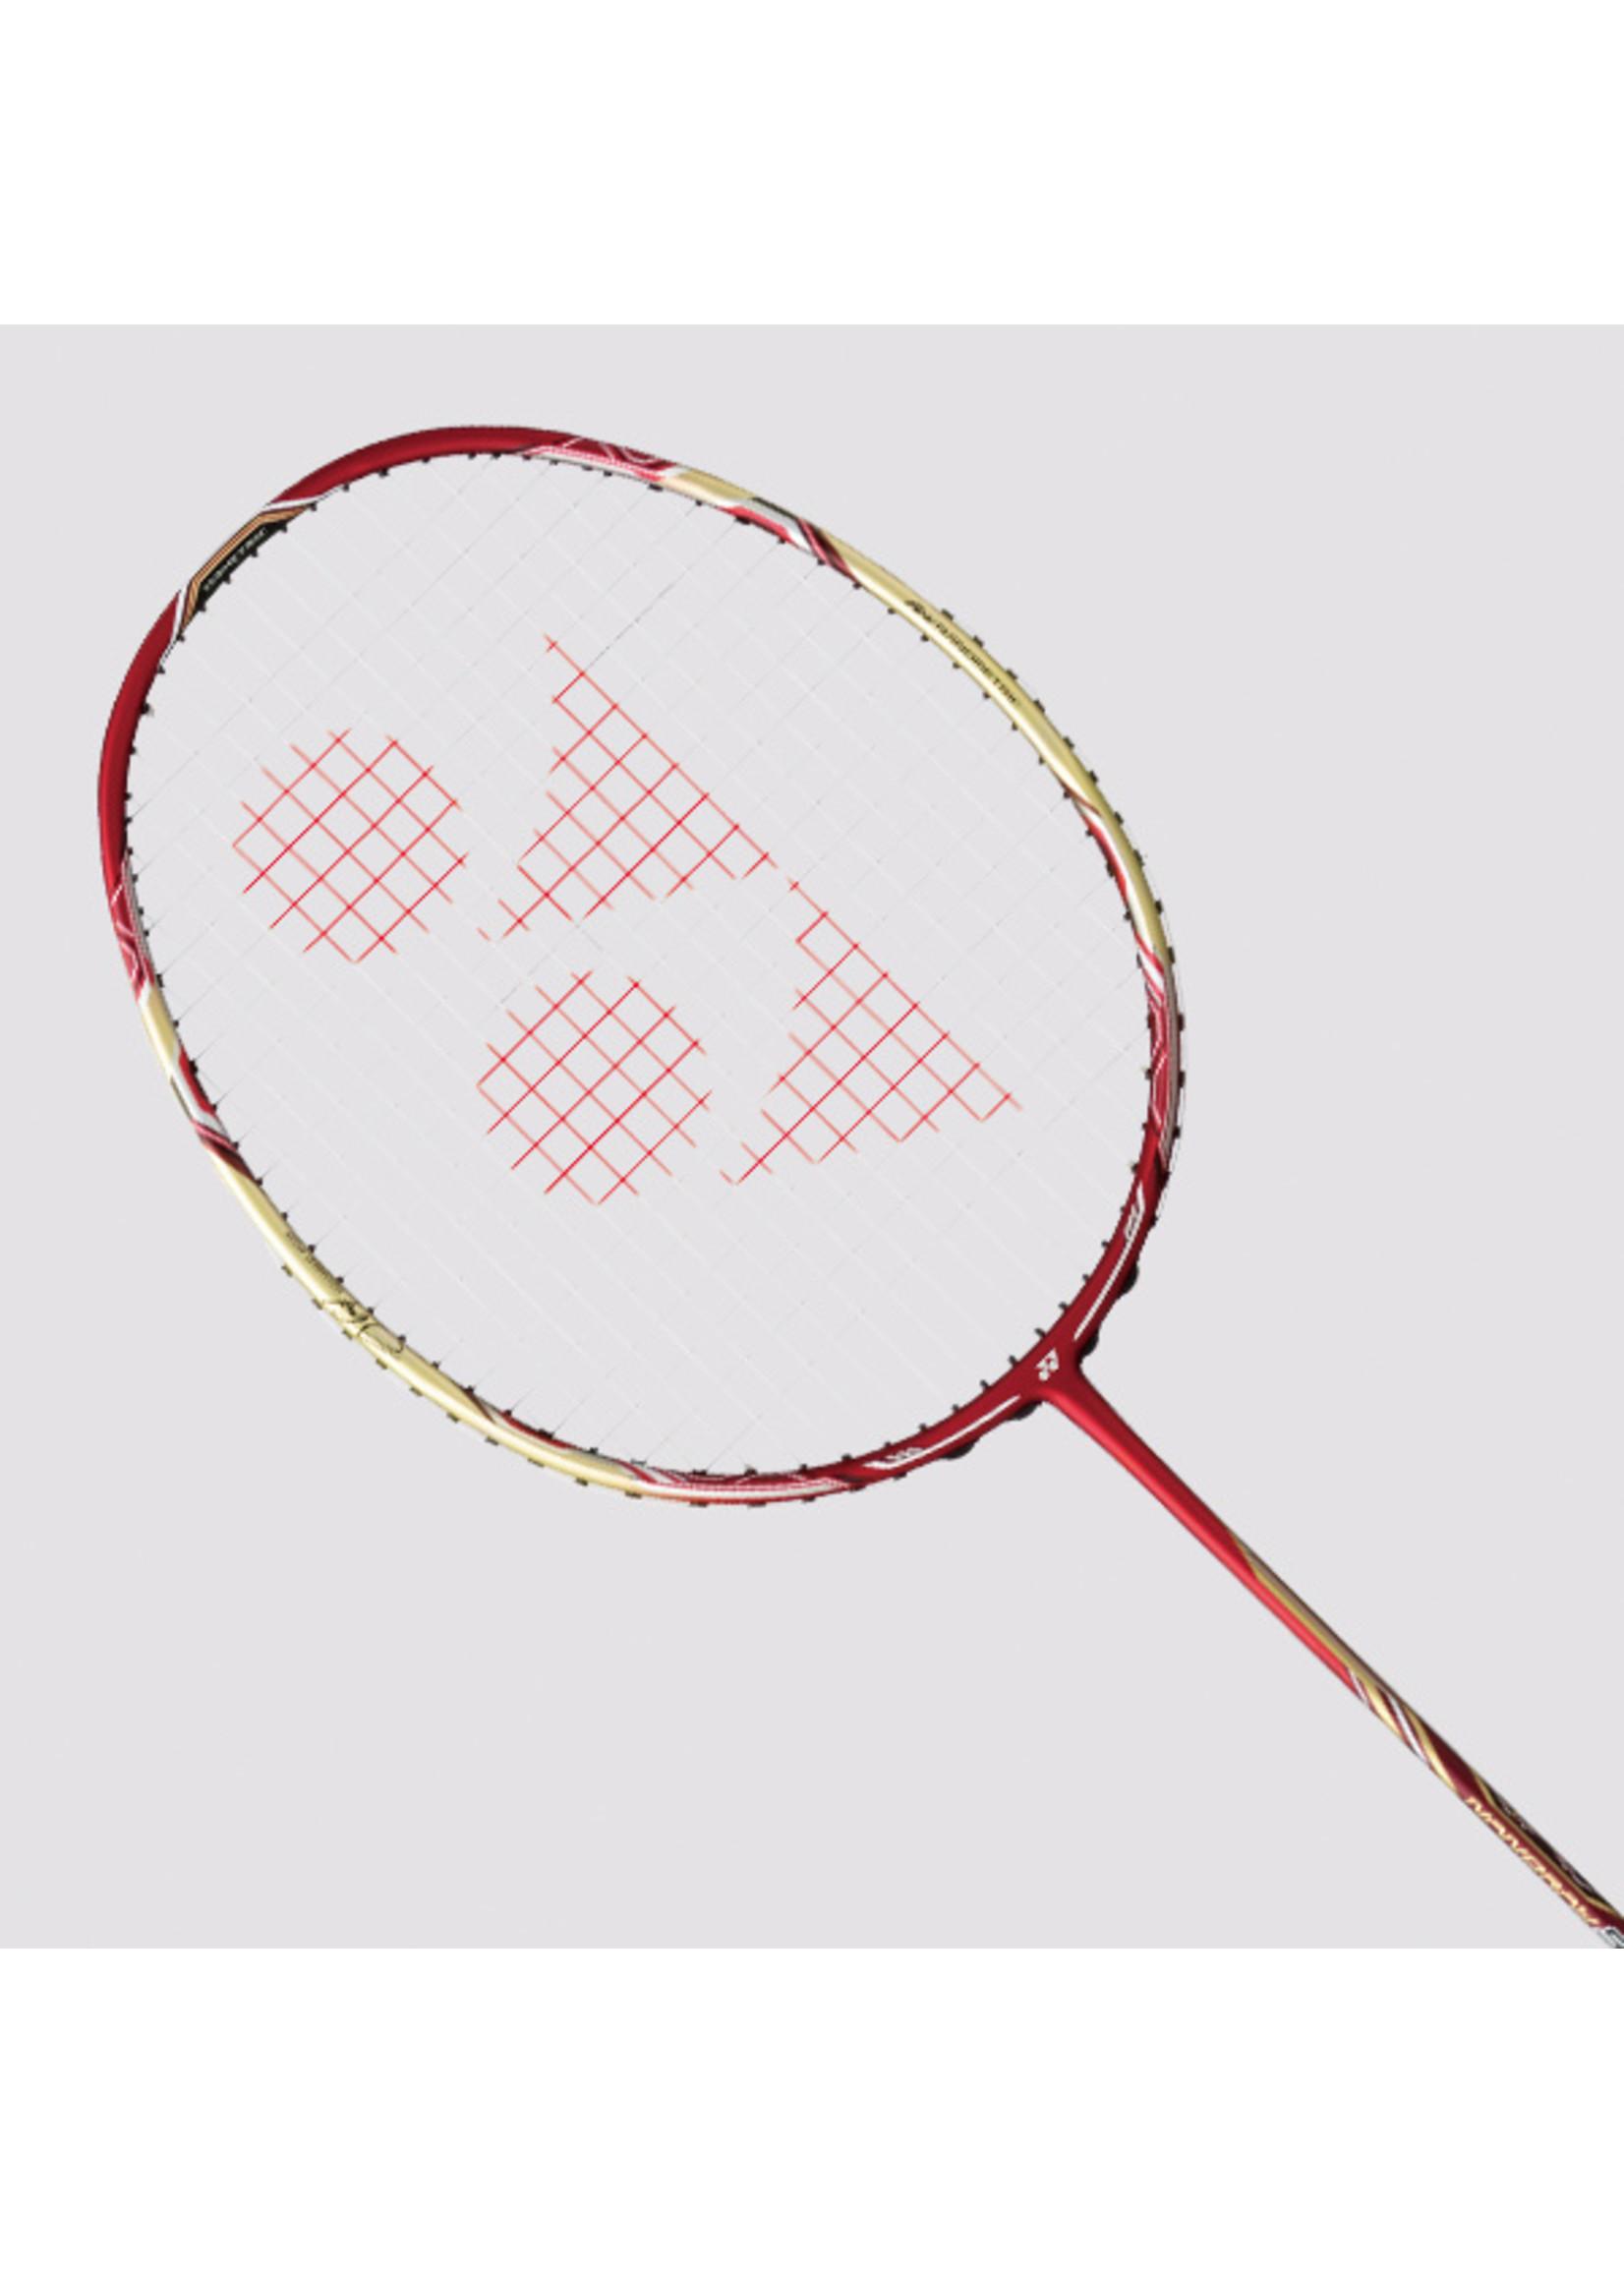 Yonex Yonex Nanoray 900 Ahsan LTD Badminton Racket